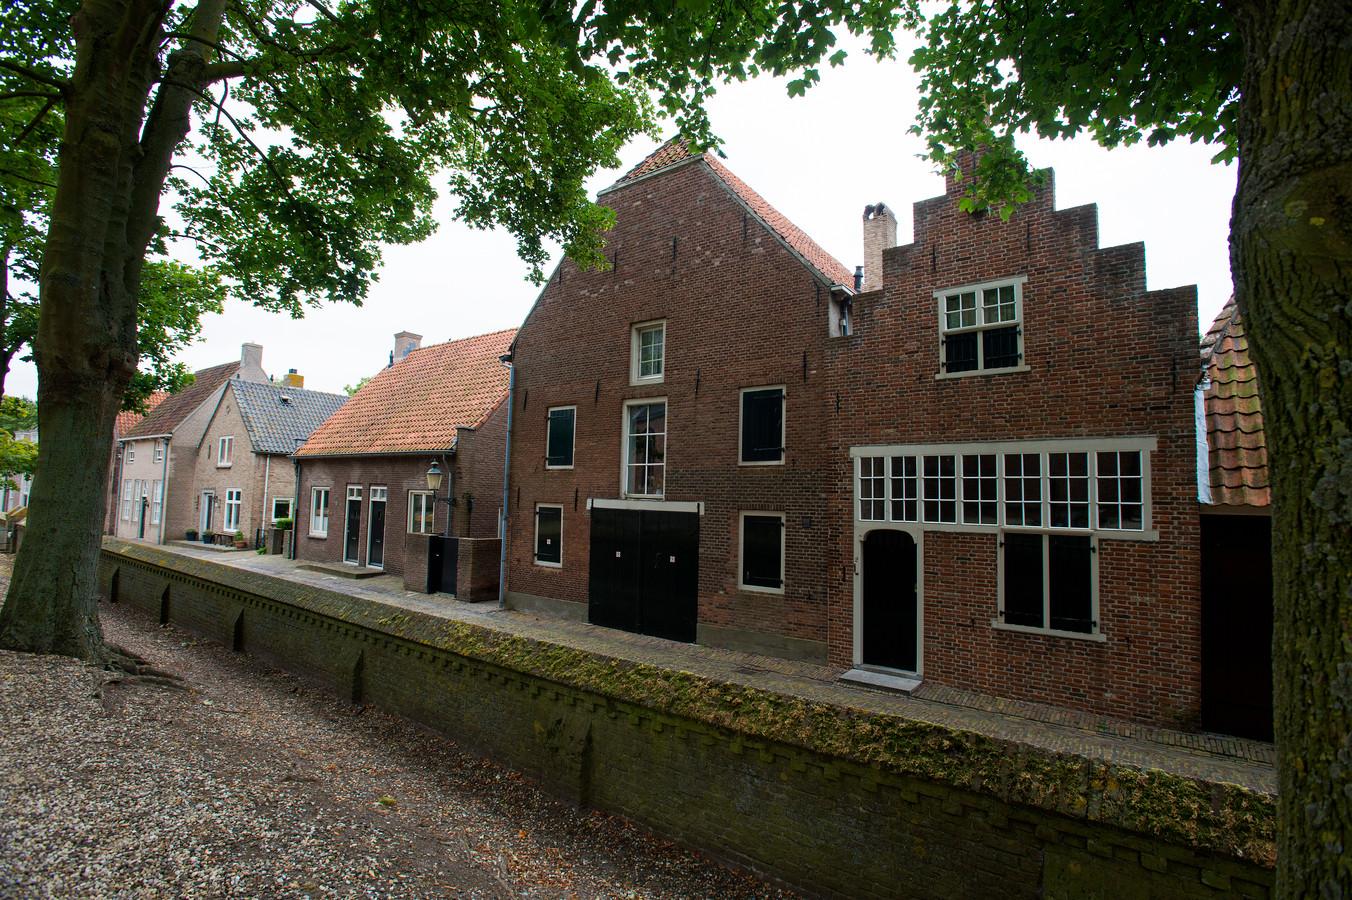 De twee panden uit de zeventiende eeuw aan de Putterstraat 2-4 in Heusden, die de kunstenares schonk aan de vereniging.